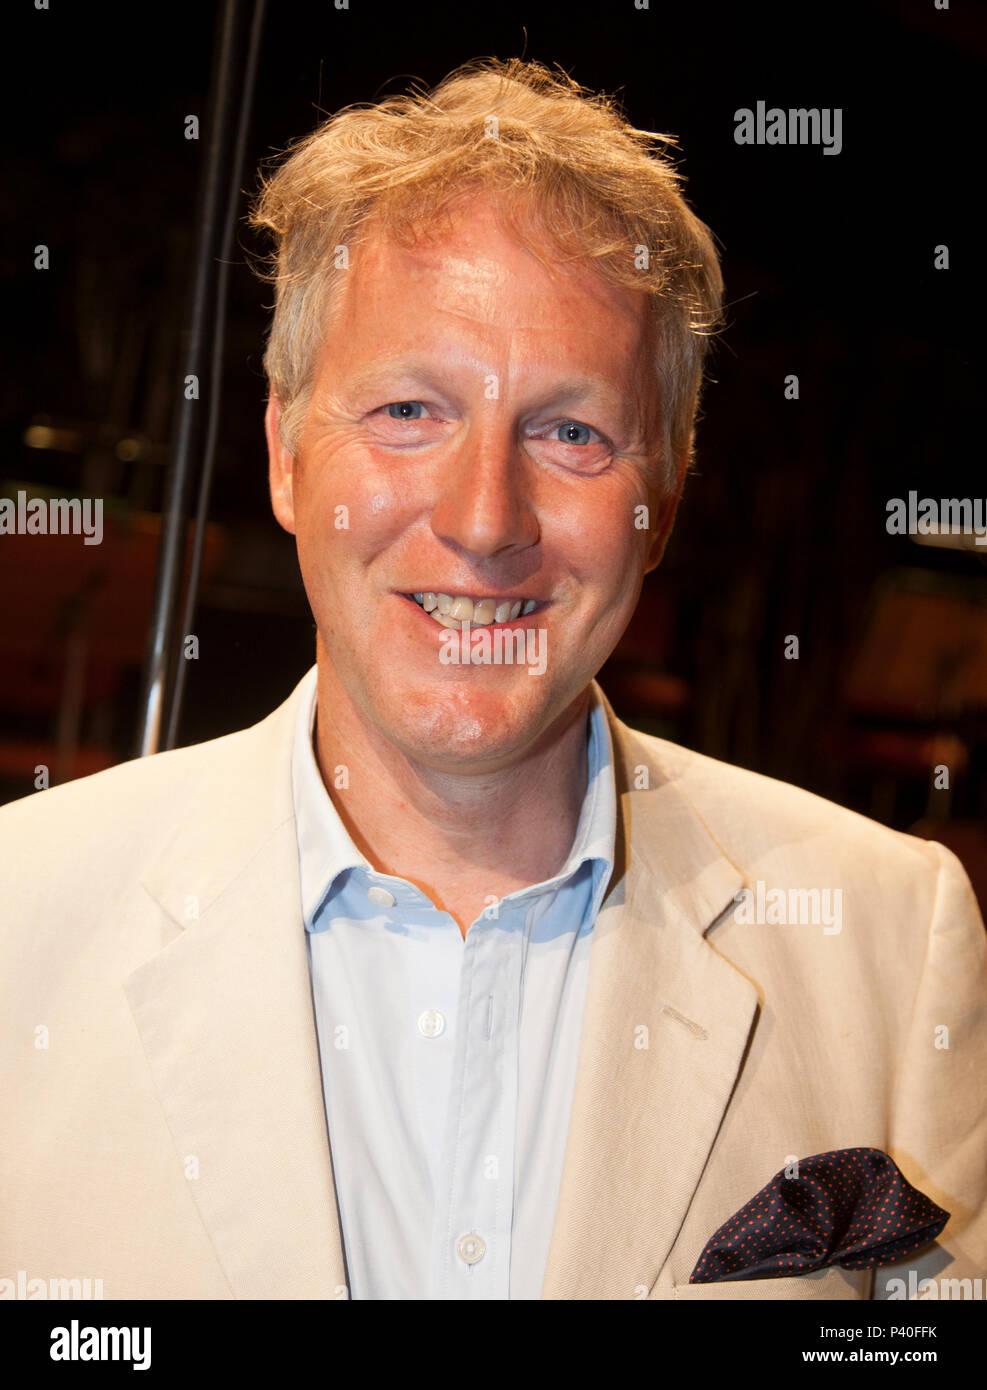 DAVID CAIRNS Ambassador for the United Kingdom in Sweden 2018 - Stock Image